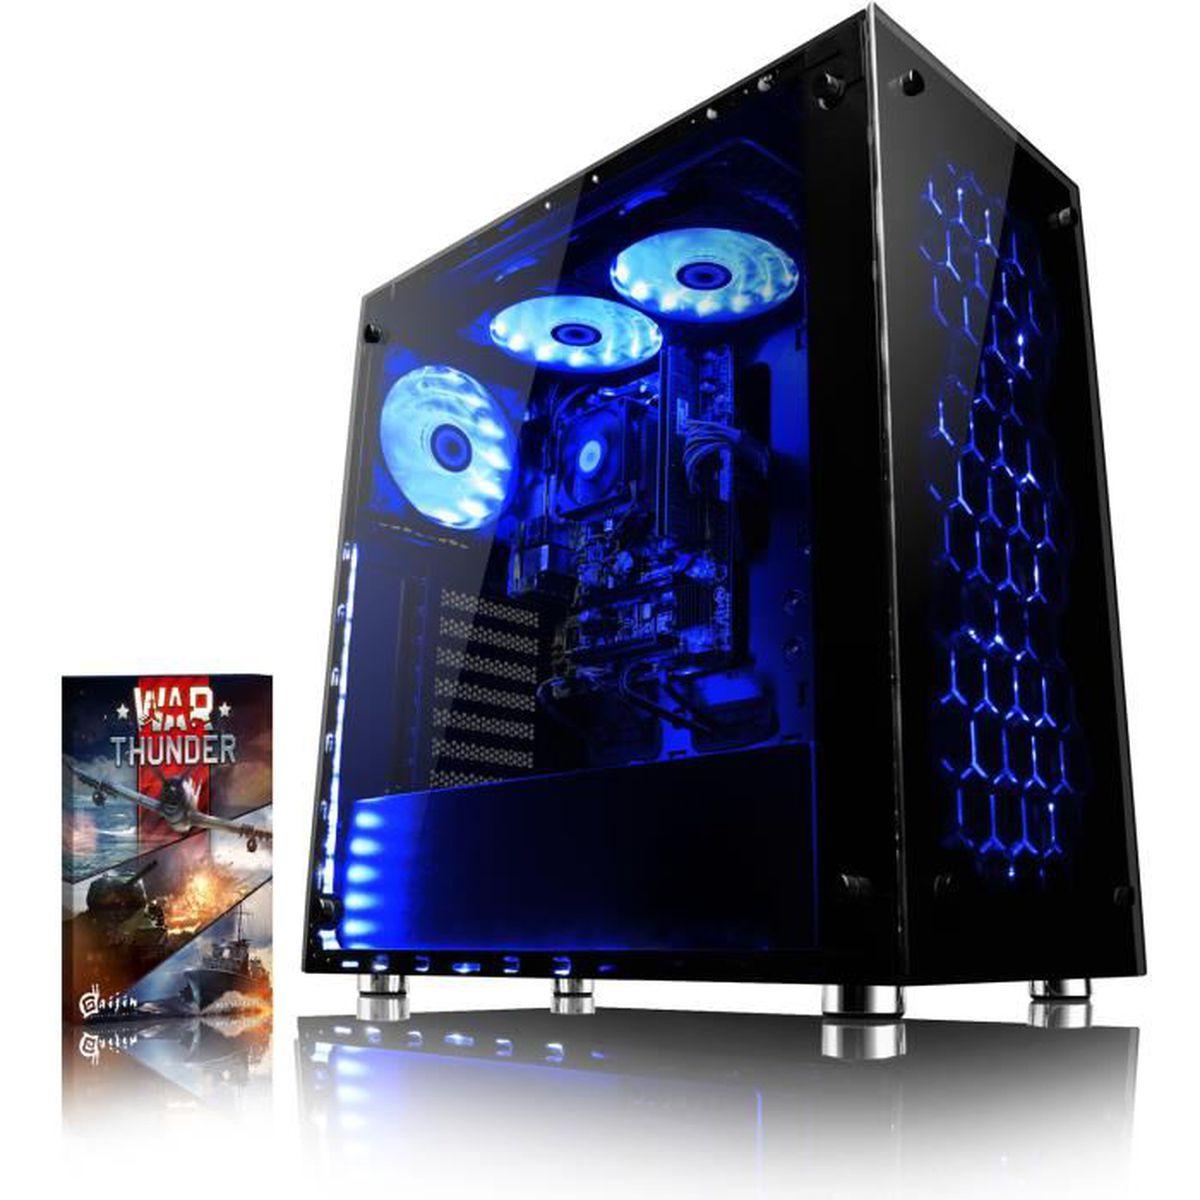 UNITÉ CENTRALE  VIBOX Nebula RS680-12 PC Gamer Ordinateur avec War